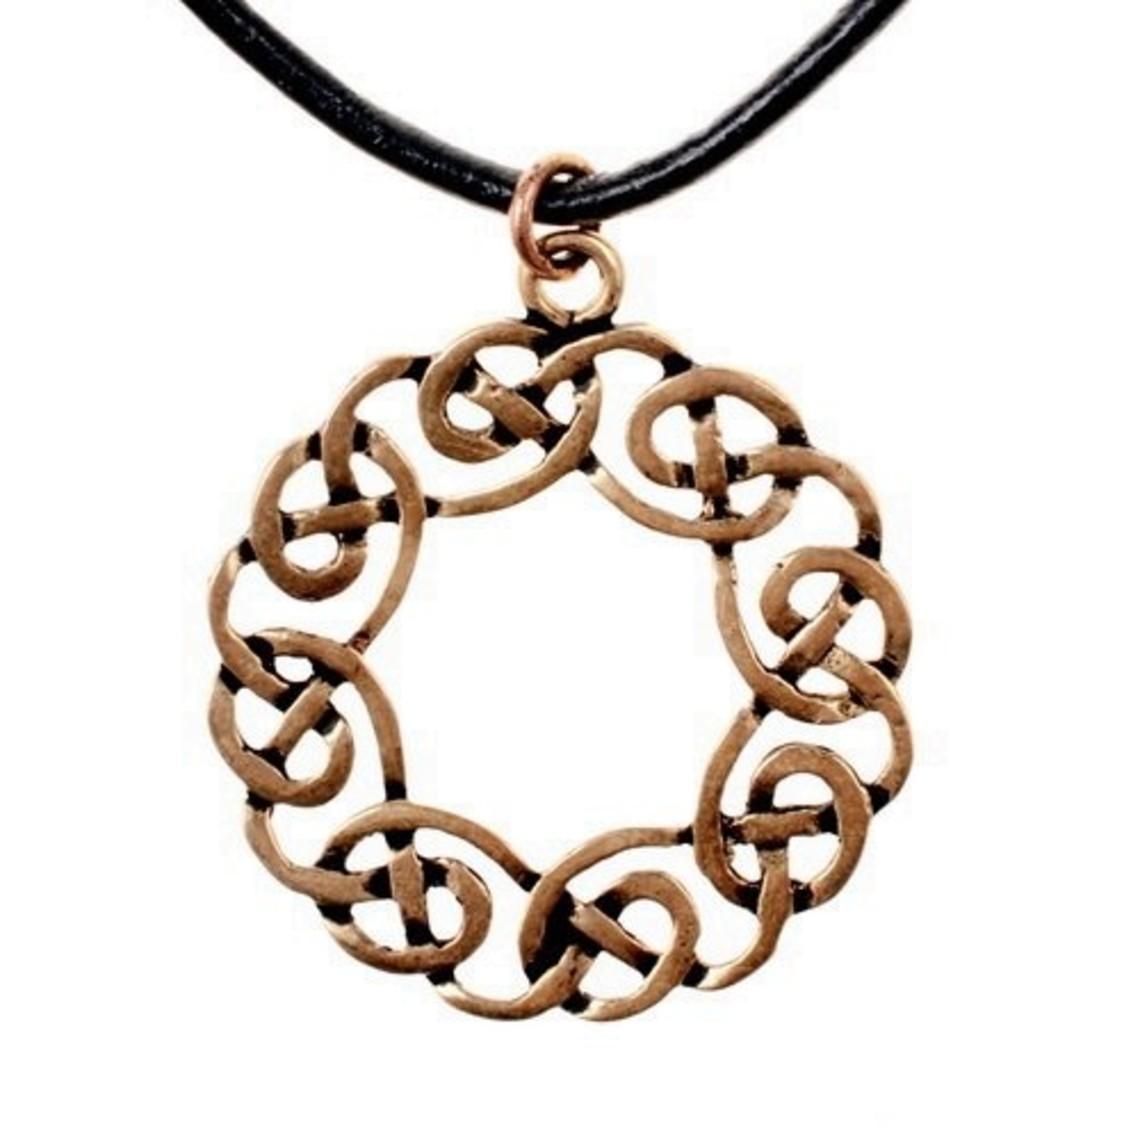 Amulette couronne celtique, bronze